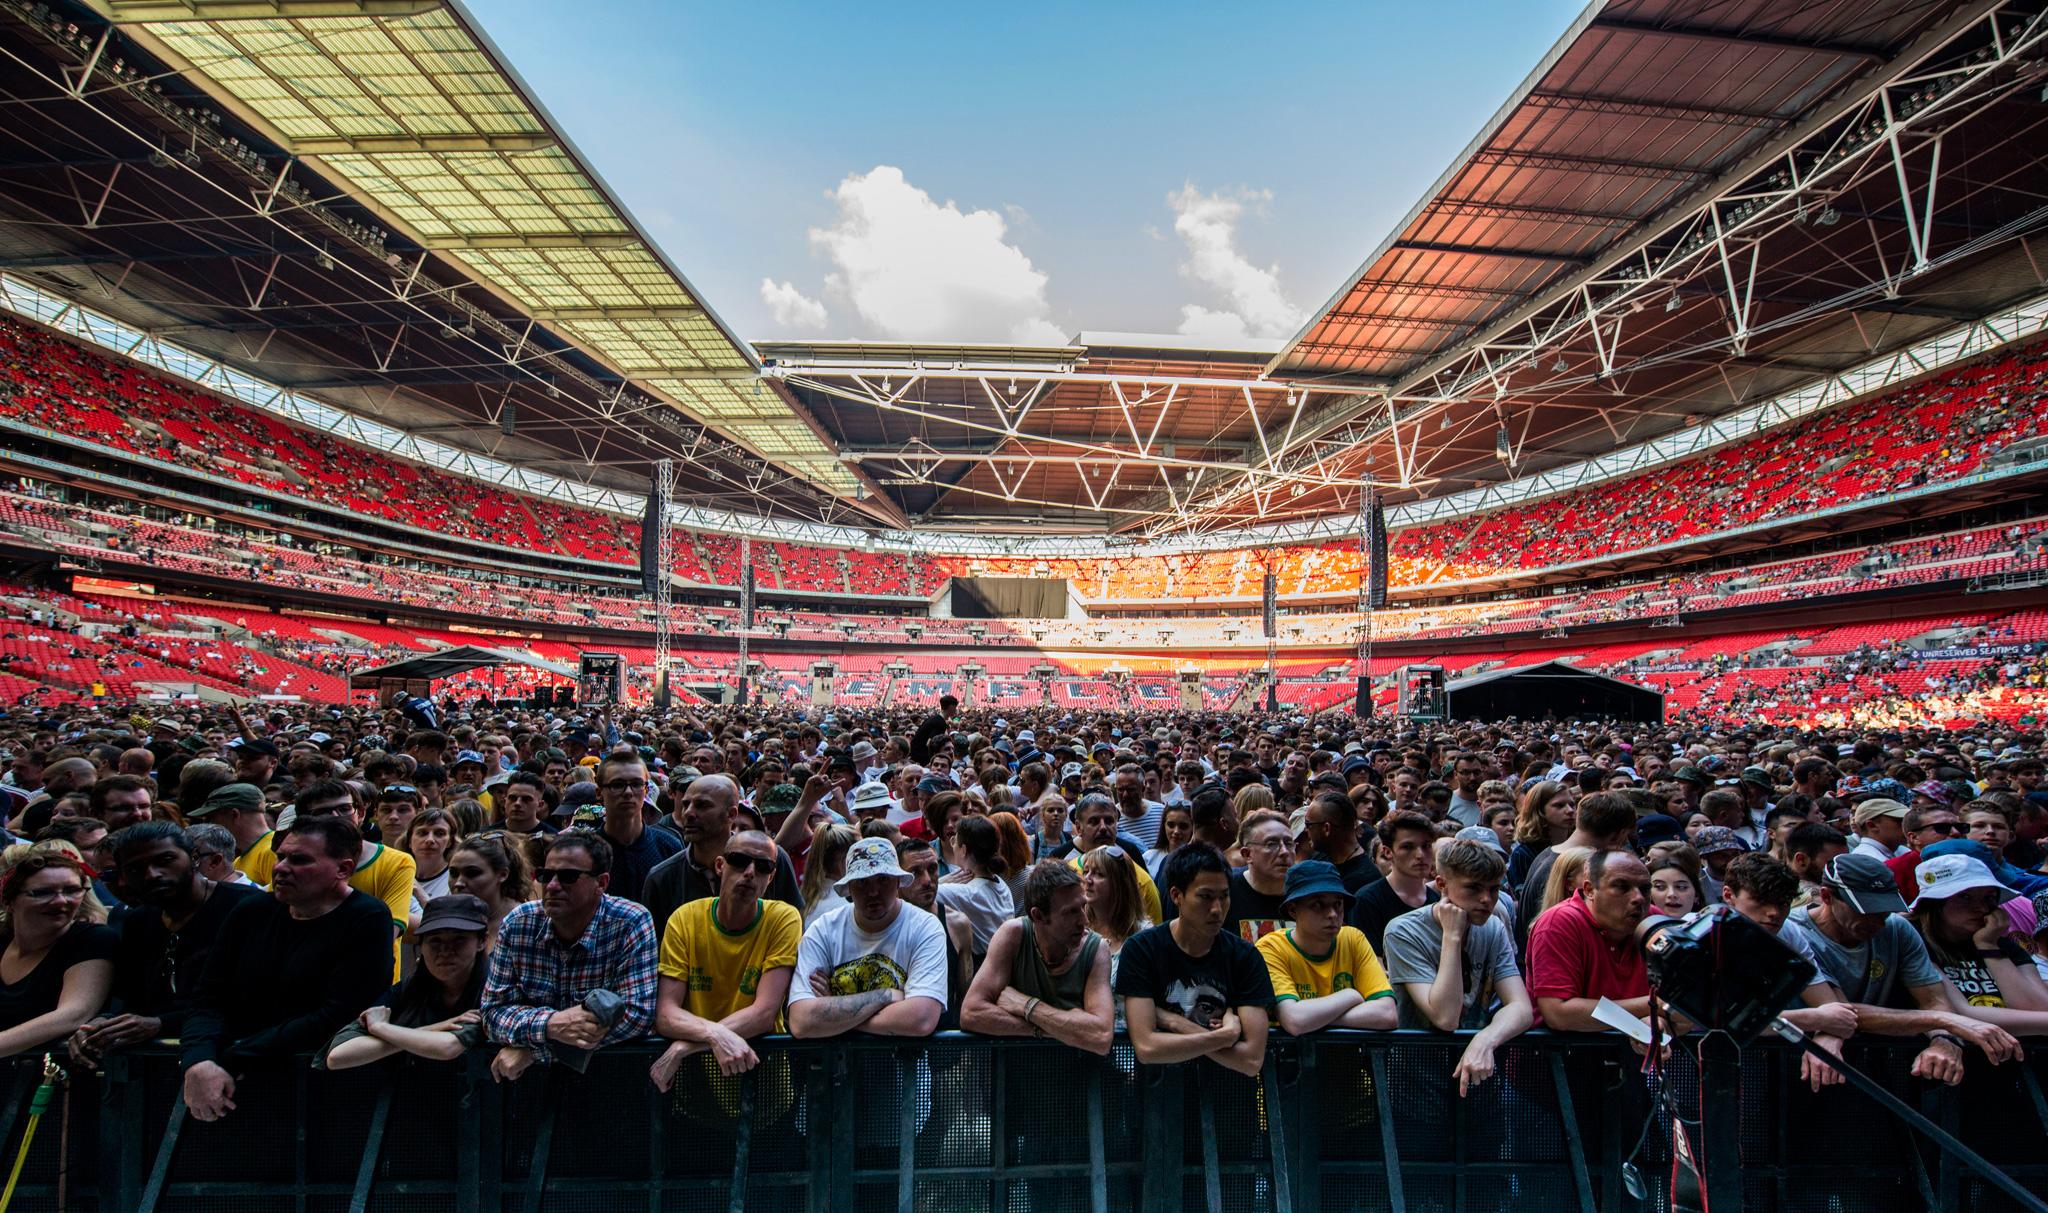 Wembley Stadium (Stone Roses)